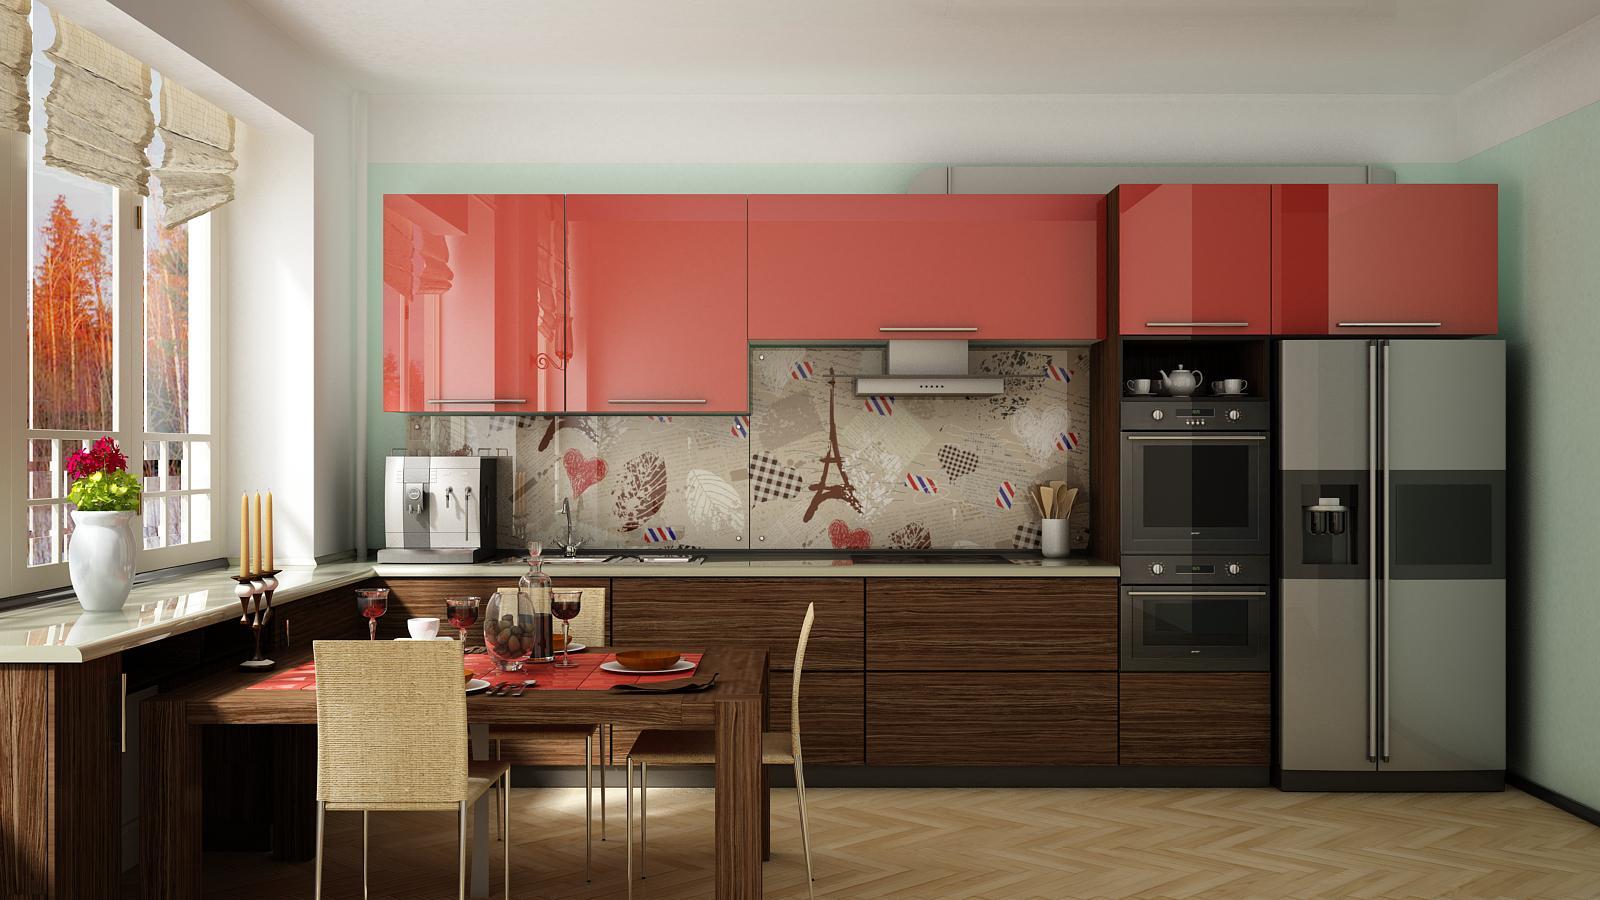 макияже широкоформатные картинки на кухню широких кругах девушки